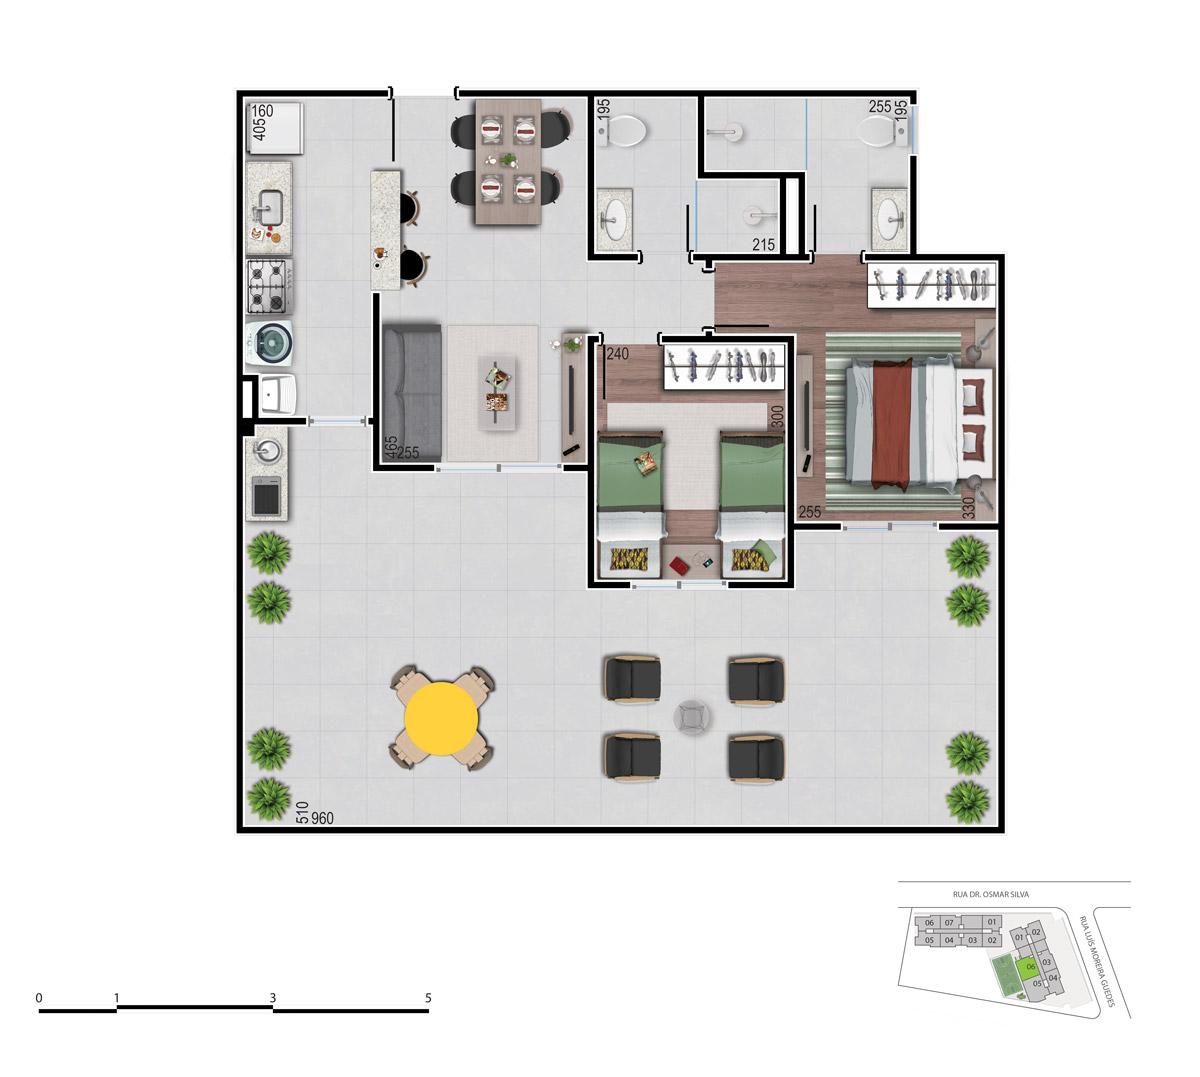 Planta dos apartamentos 2 quartos tipo garden - bom pastor 360